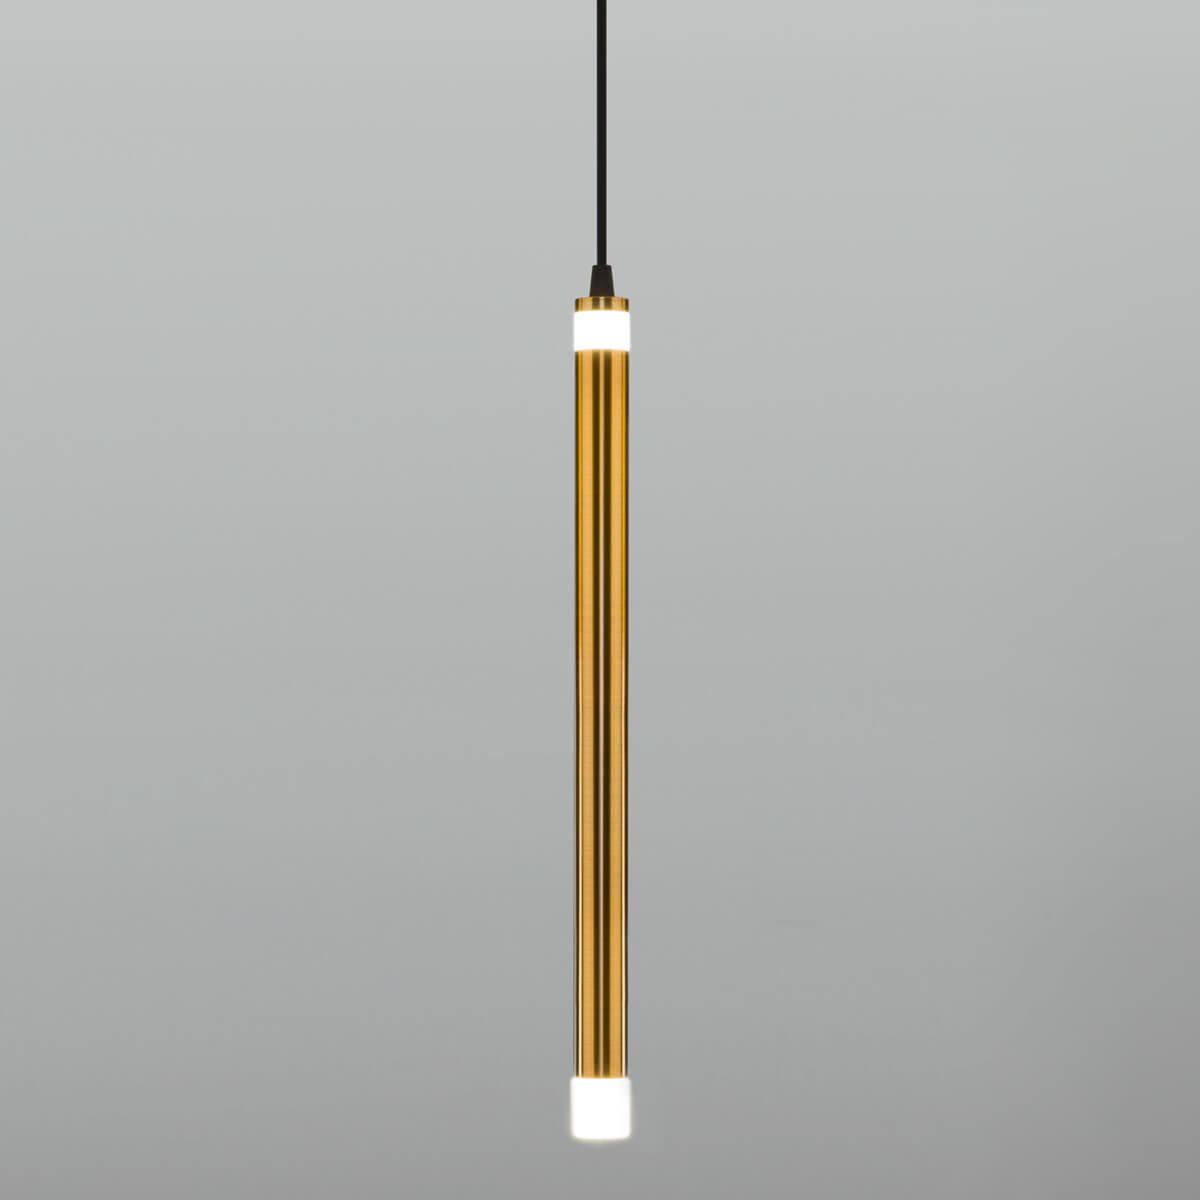 Светильник Eurosvet 50133/1 LED бронза Maestro люстра евросвет maestro 50133 5 led бронза 40w